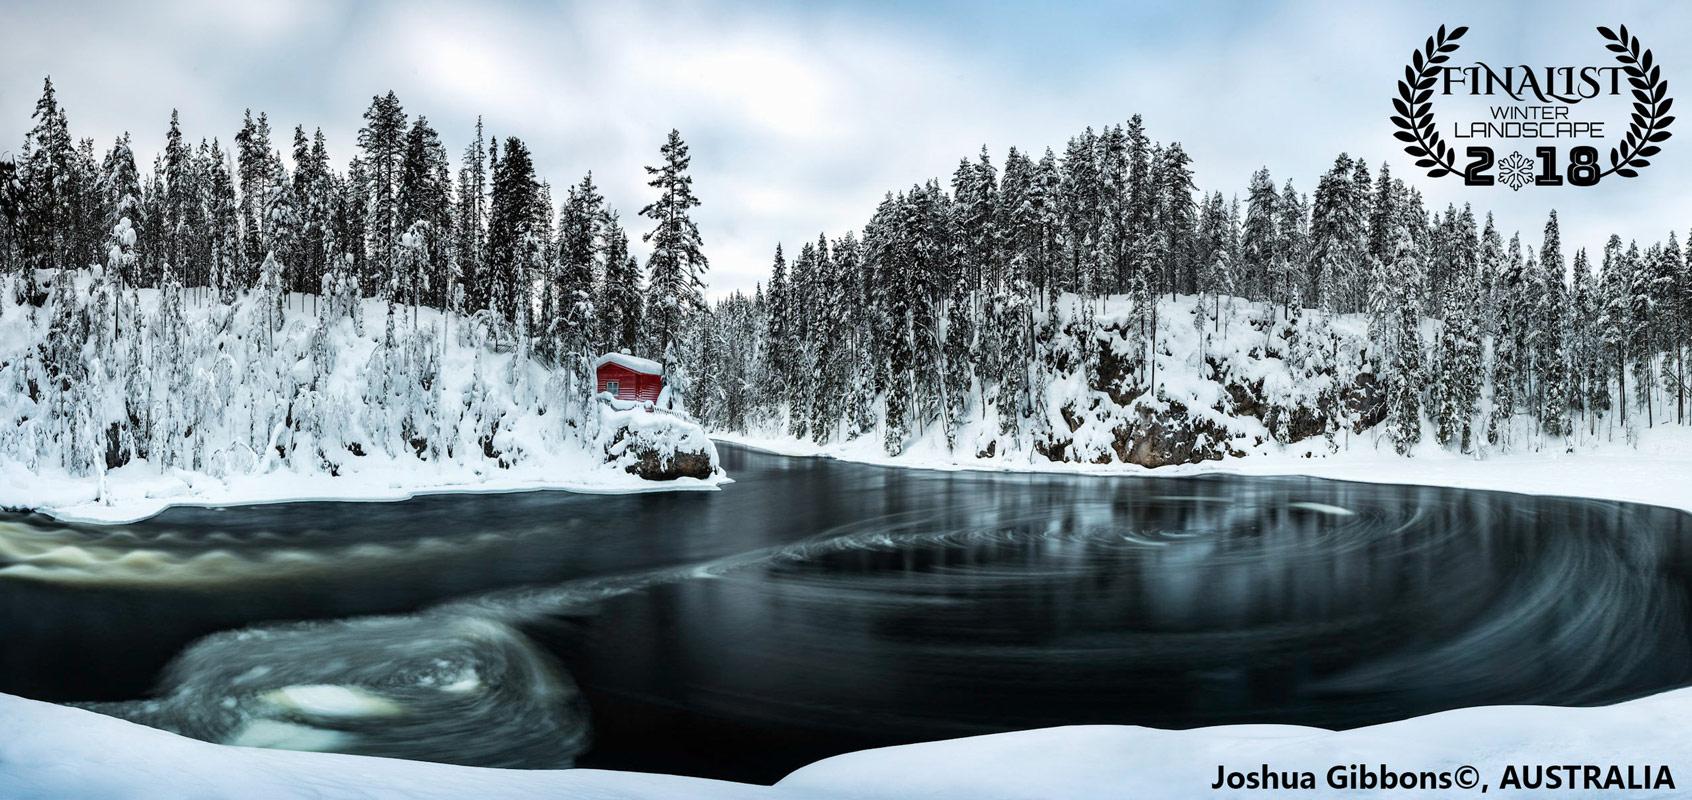 Уединение, © Джошуа Гиббонс, Австралия, Финалист фестиваля «Зимний пейзаж», Фотоконкурс пейзажа журнала Renner